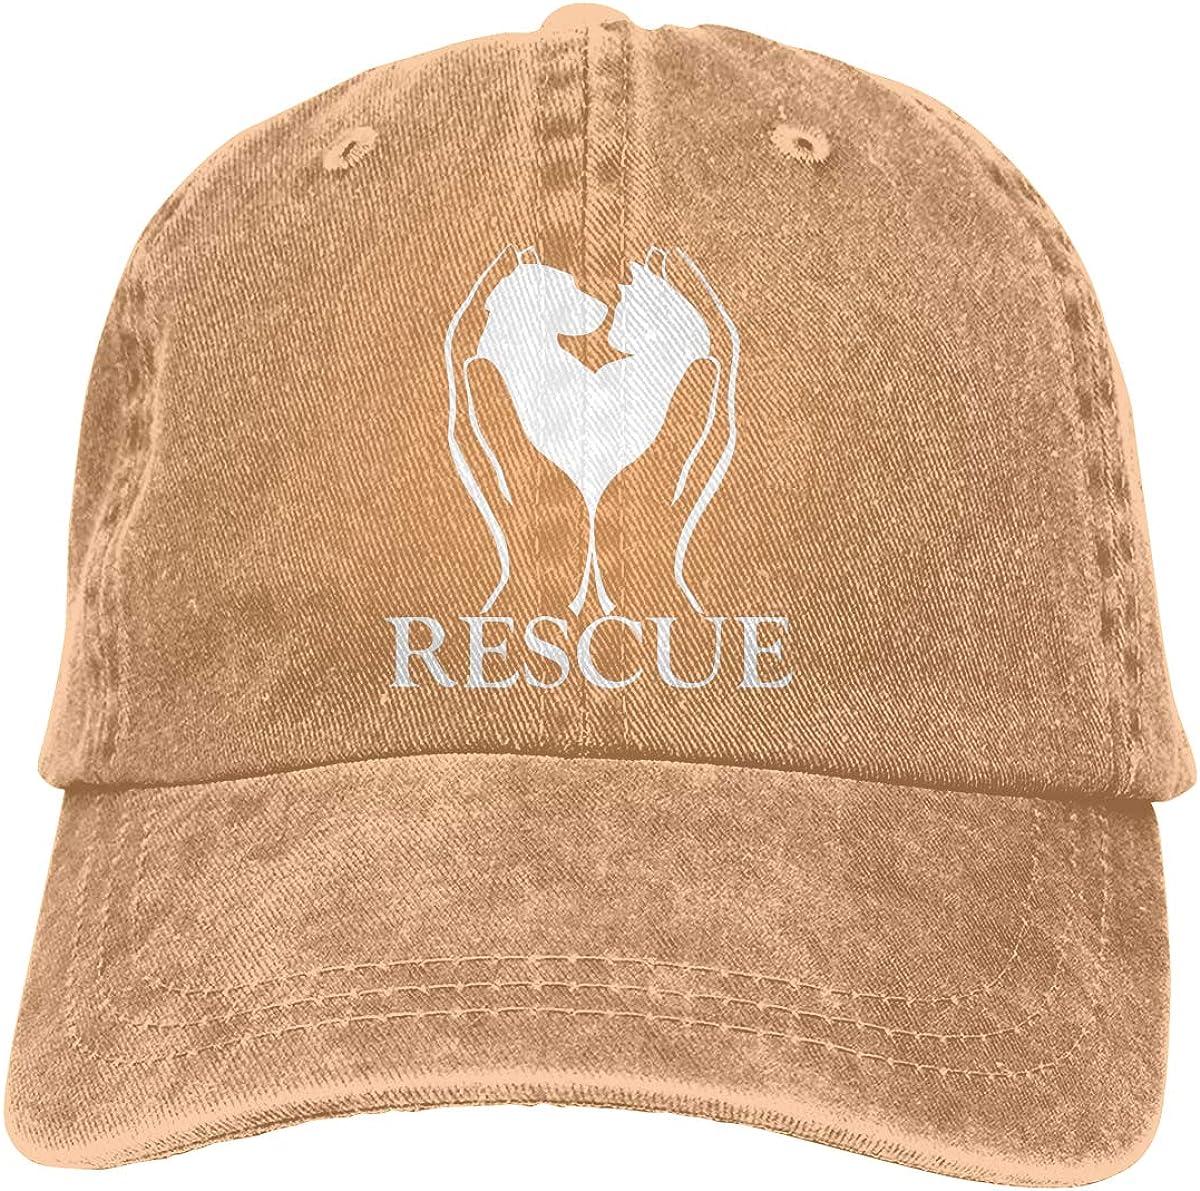 Men Women Classic Cotton Denim Baseball Cap Rescue Animals Headwear